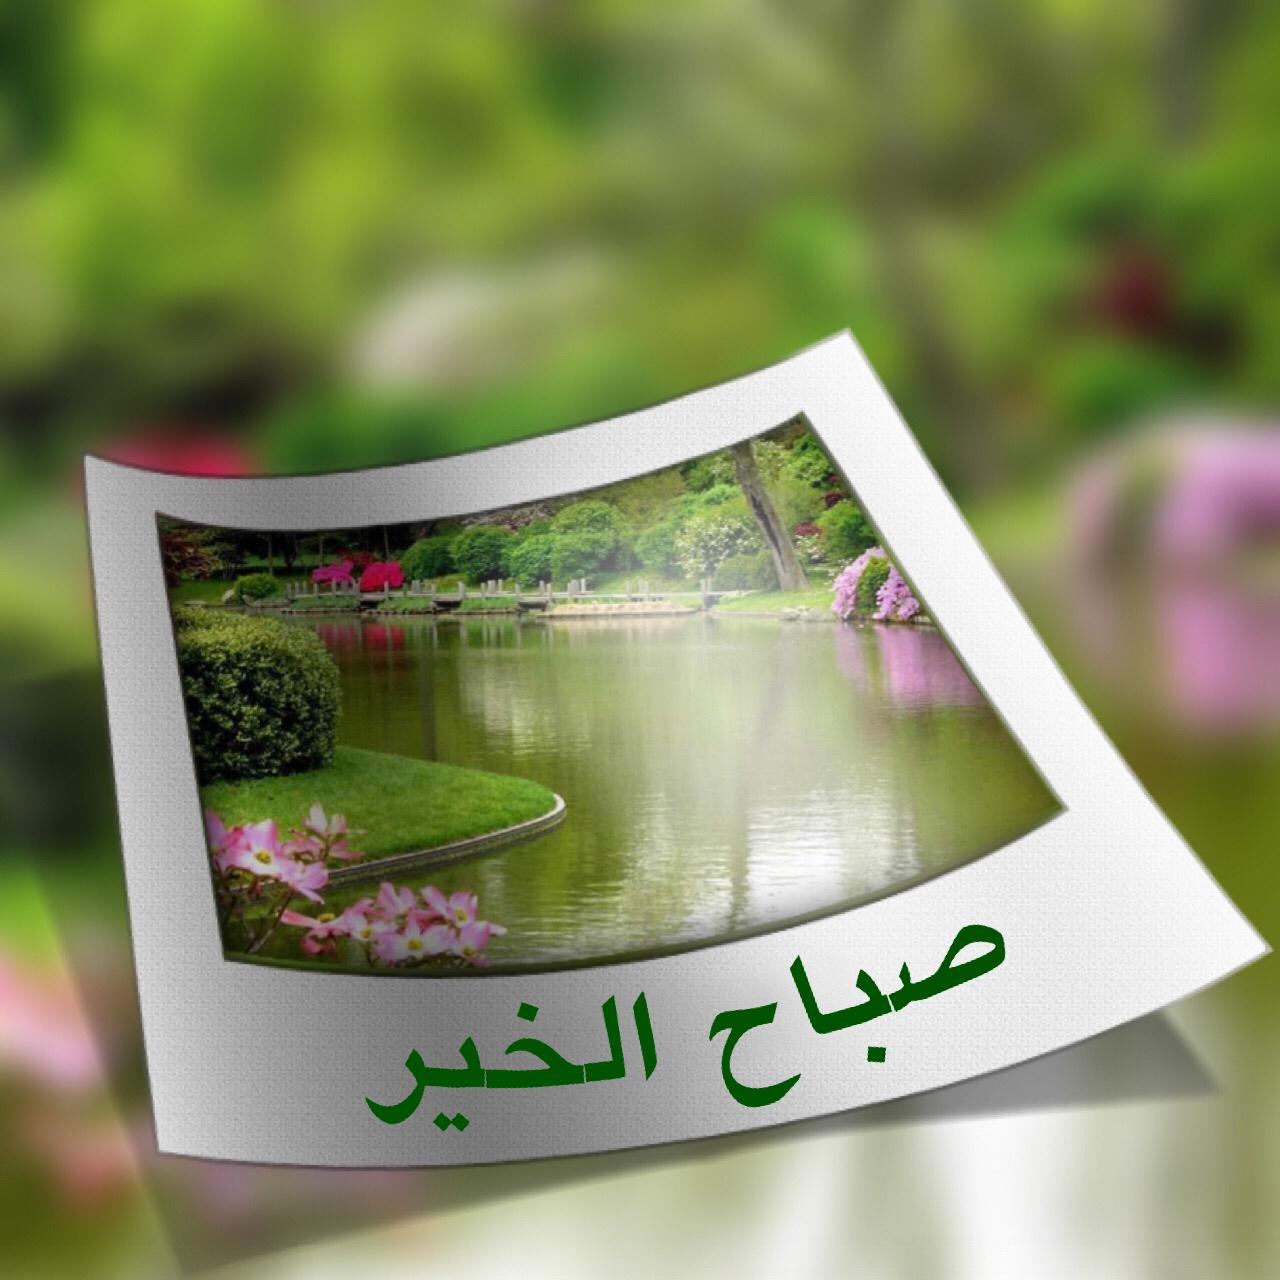 صورة شعر صباح الخير حبيبي , اروع اشعار صباح الخير للحبيب 937 4